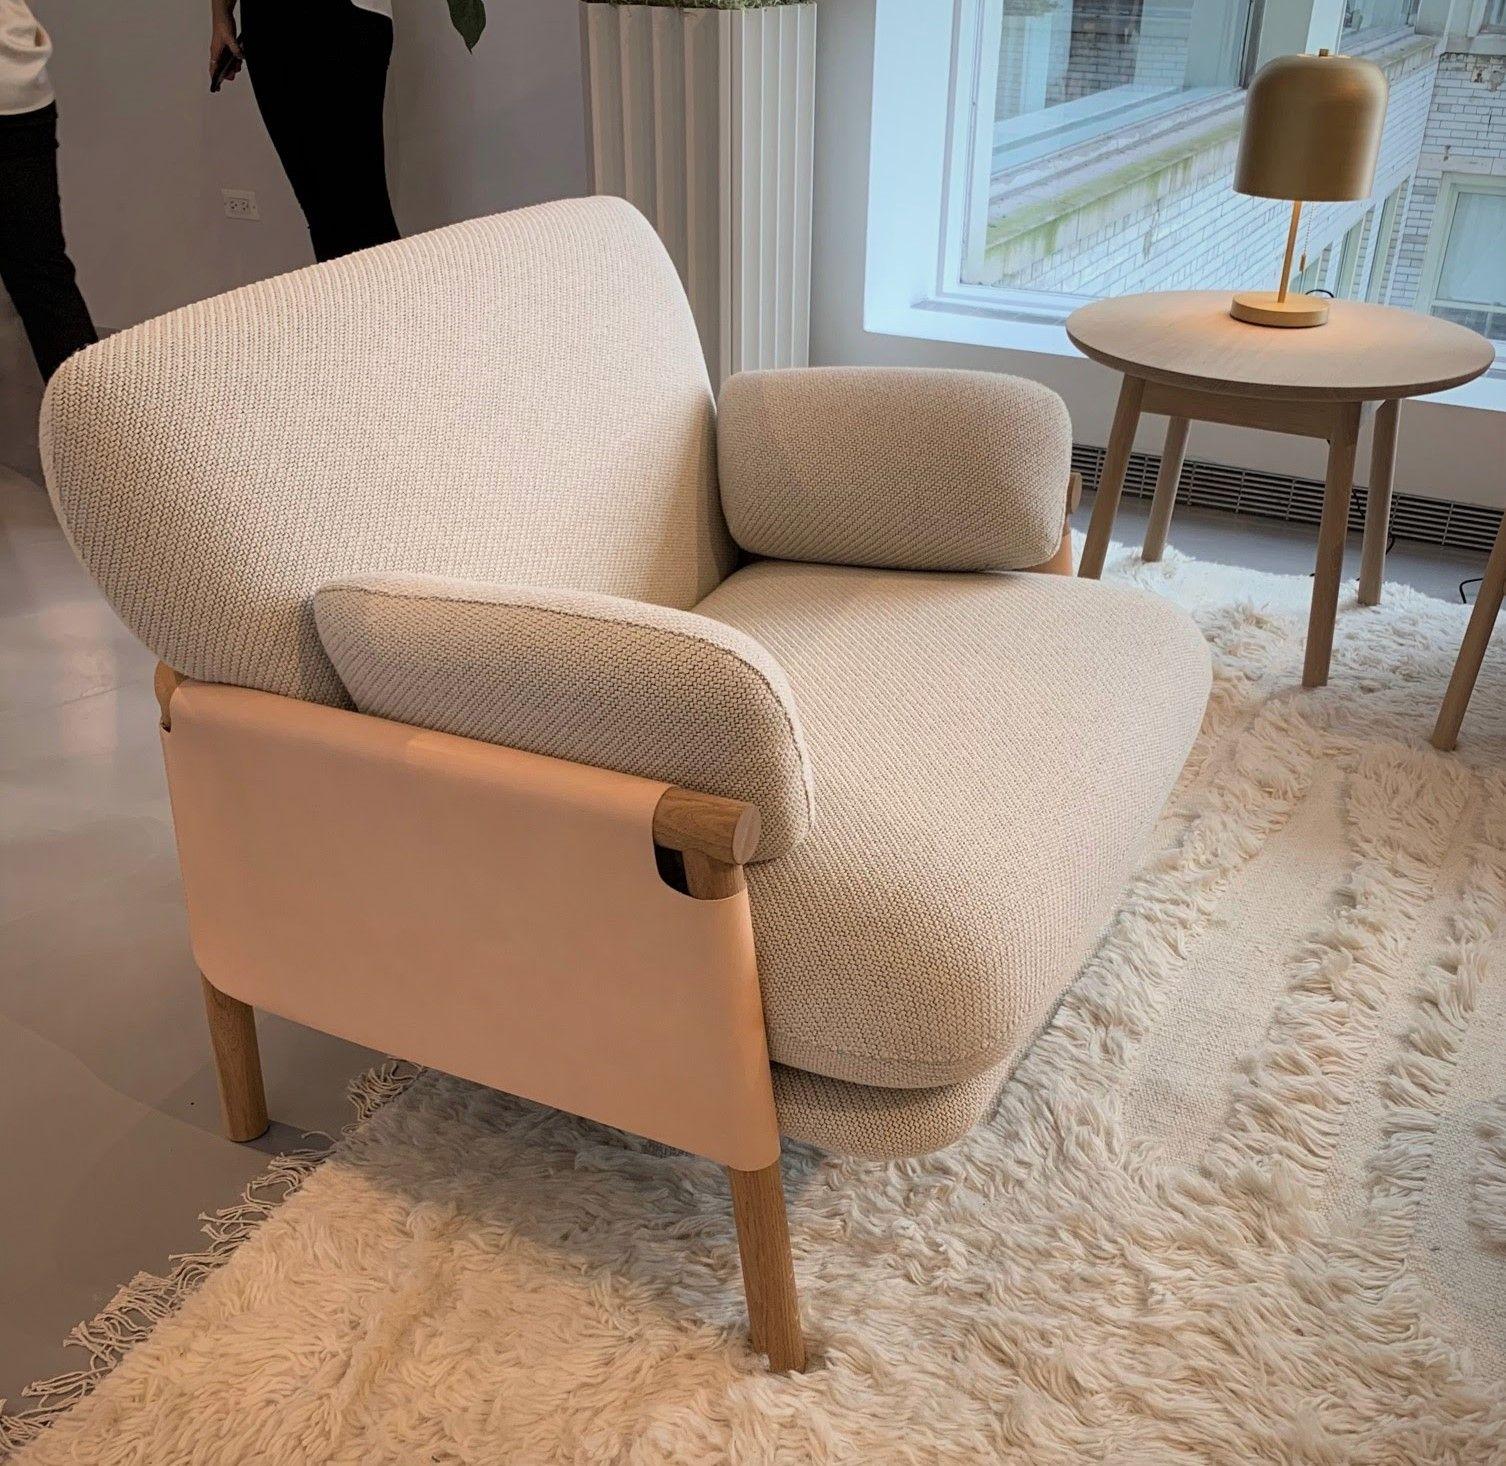 Hightower Savannah Tub Chair Home Decor